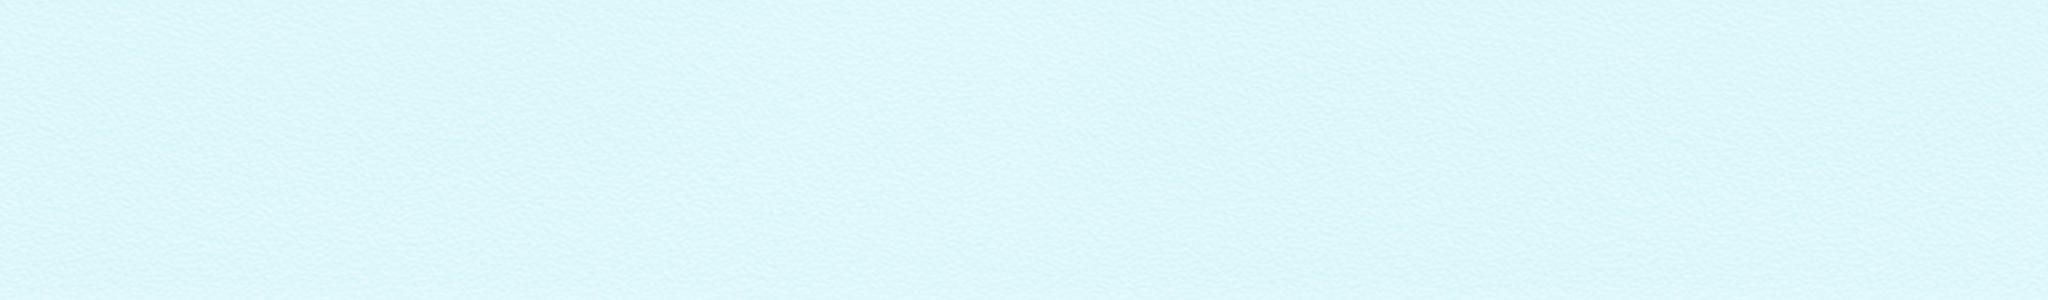 HU 15303 ABS Kante UNI Hellblau perl 101